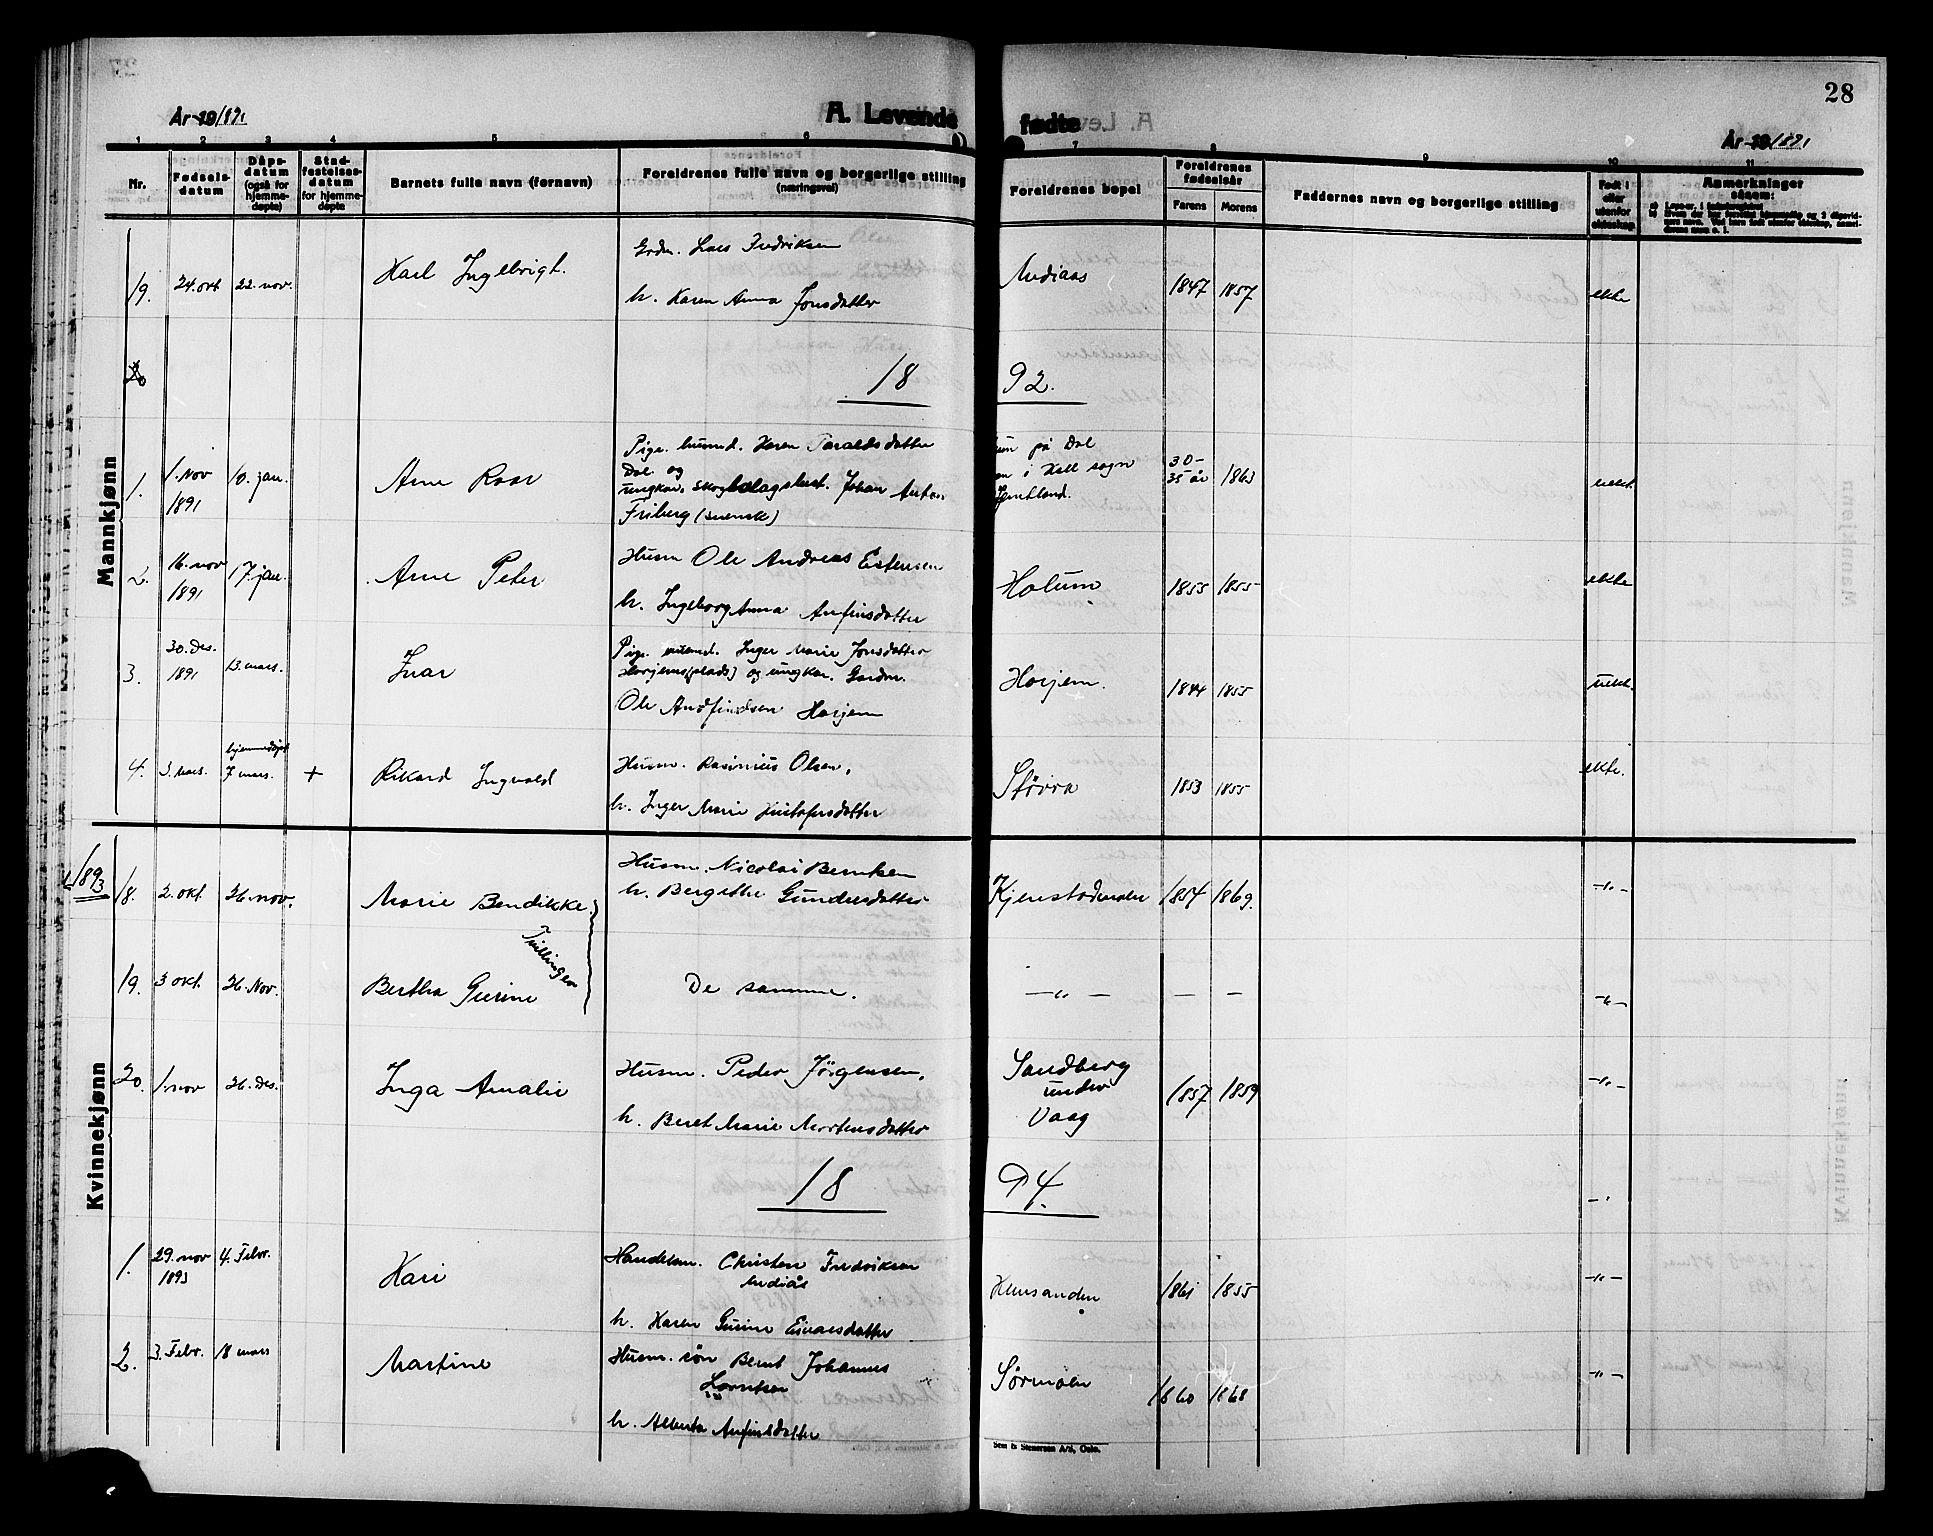 SAT, Ministerialprotokoller, klokkerbøker og fødselsregistre - Nord-Trøndelag, 749/L0487: Ministerialbok nr. 749D03, 1887-1902, s. 28